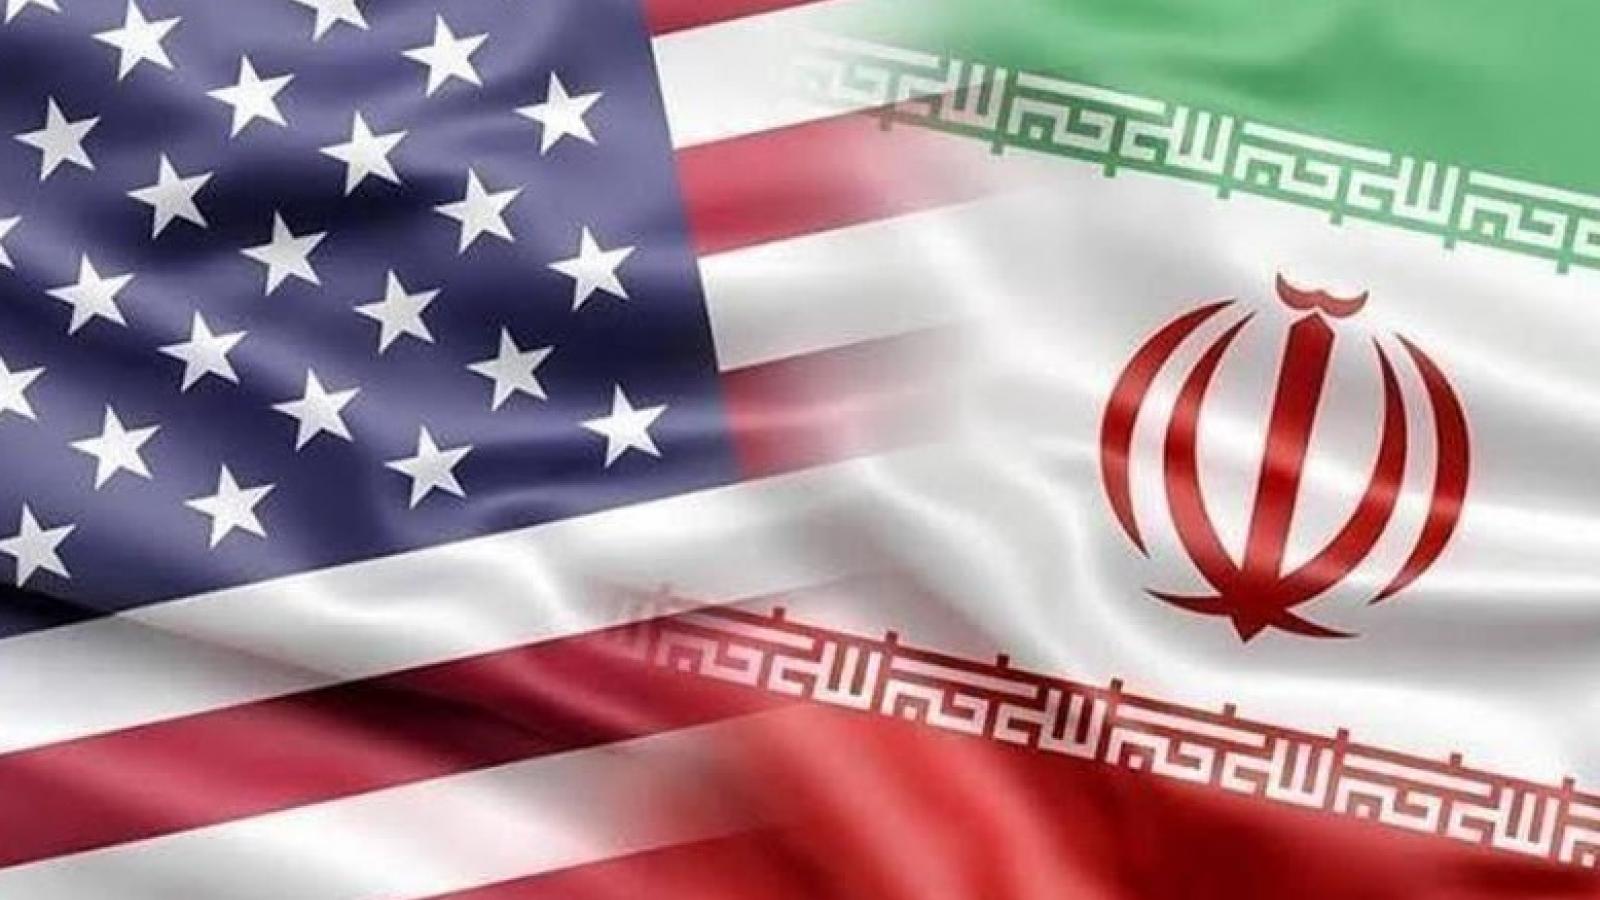 Mỹ trừng phạt 3 tổ chức mới của Iran vì can thiệp vào cuộc bầu cử 2020